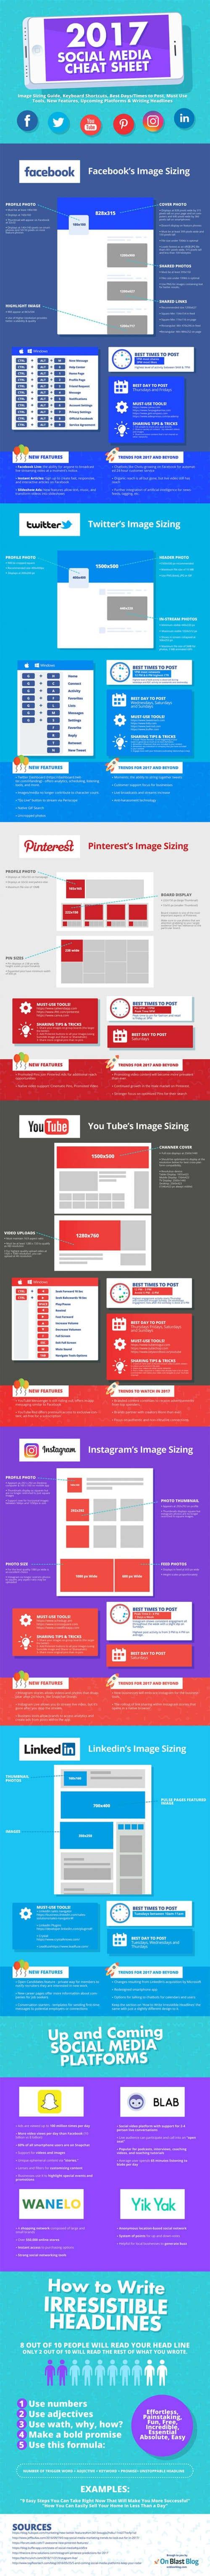 crear-el-post-perfecto-para-las-redes-sociales-infografia